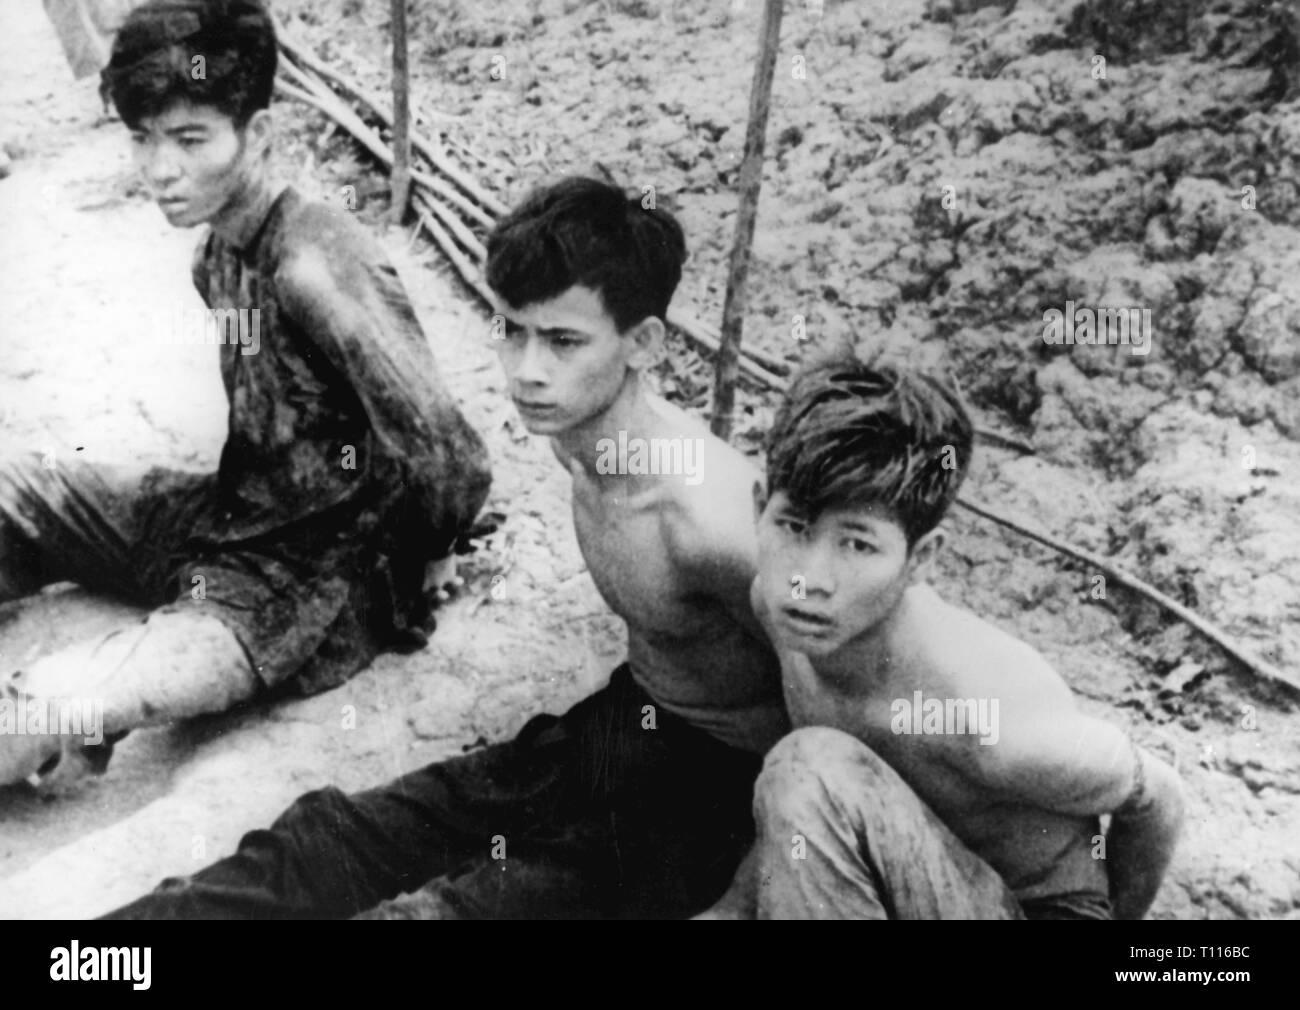 Vietnam Krieg 1955 - 1975, während einer Sammelmittelübertragung Betrieb erfassten Mitglieder der Nationalen Front für die Befreiung von South Vietnam (Vietcong), 3.9.1962, Menschen, Rebel, Rebellen, Aufständische, gefesselt, Guerilla, Guerilla, Guerilla, Guerilla, NLF, South Vietnam, Vietnam, Vietnam, Krieg, Kriege, 20. Jahrhundert, 1960er Jahre, Reinigung, Reinigungen, Gefangene, Gefangene, Mitglieder, Mitglied, front, Fronten, der Befreiung, der Befreiung, historischen, geschichtlichen, Additional-Rights - Clearance-Info - Not-Available Stockbild